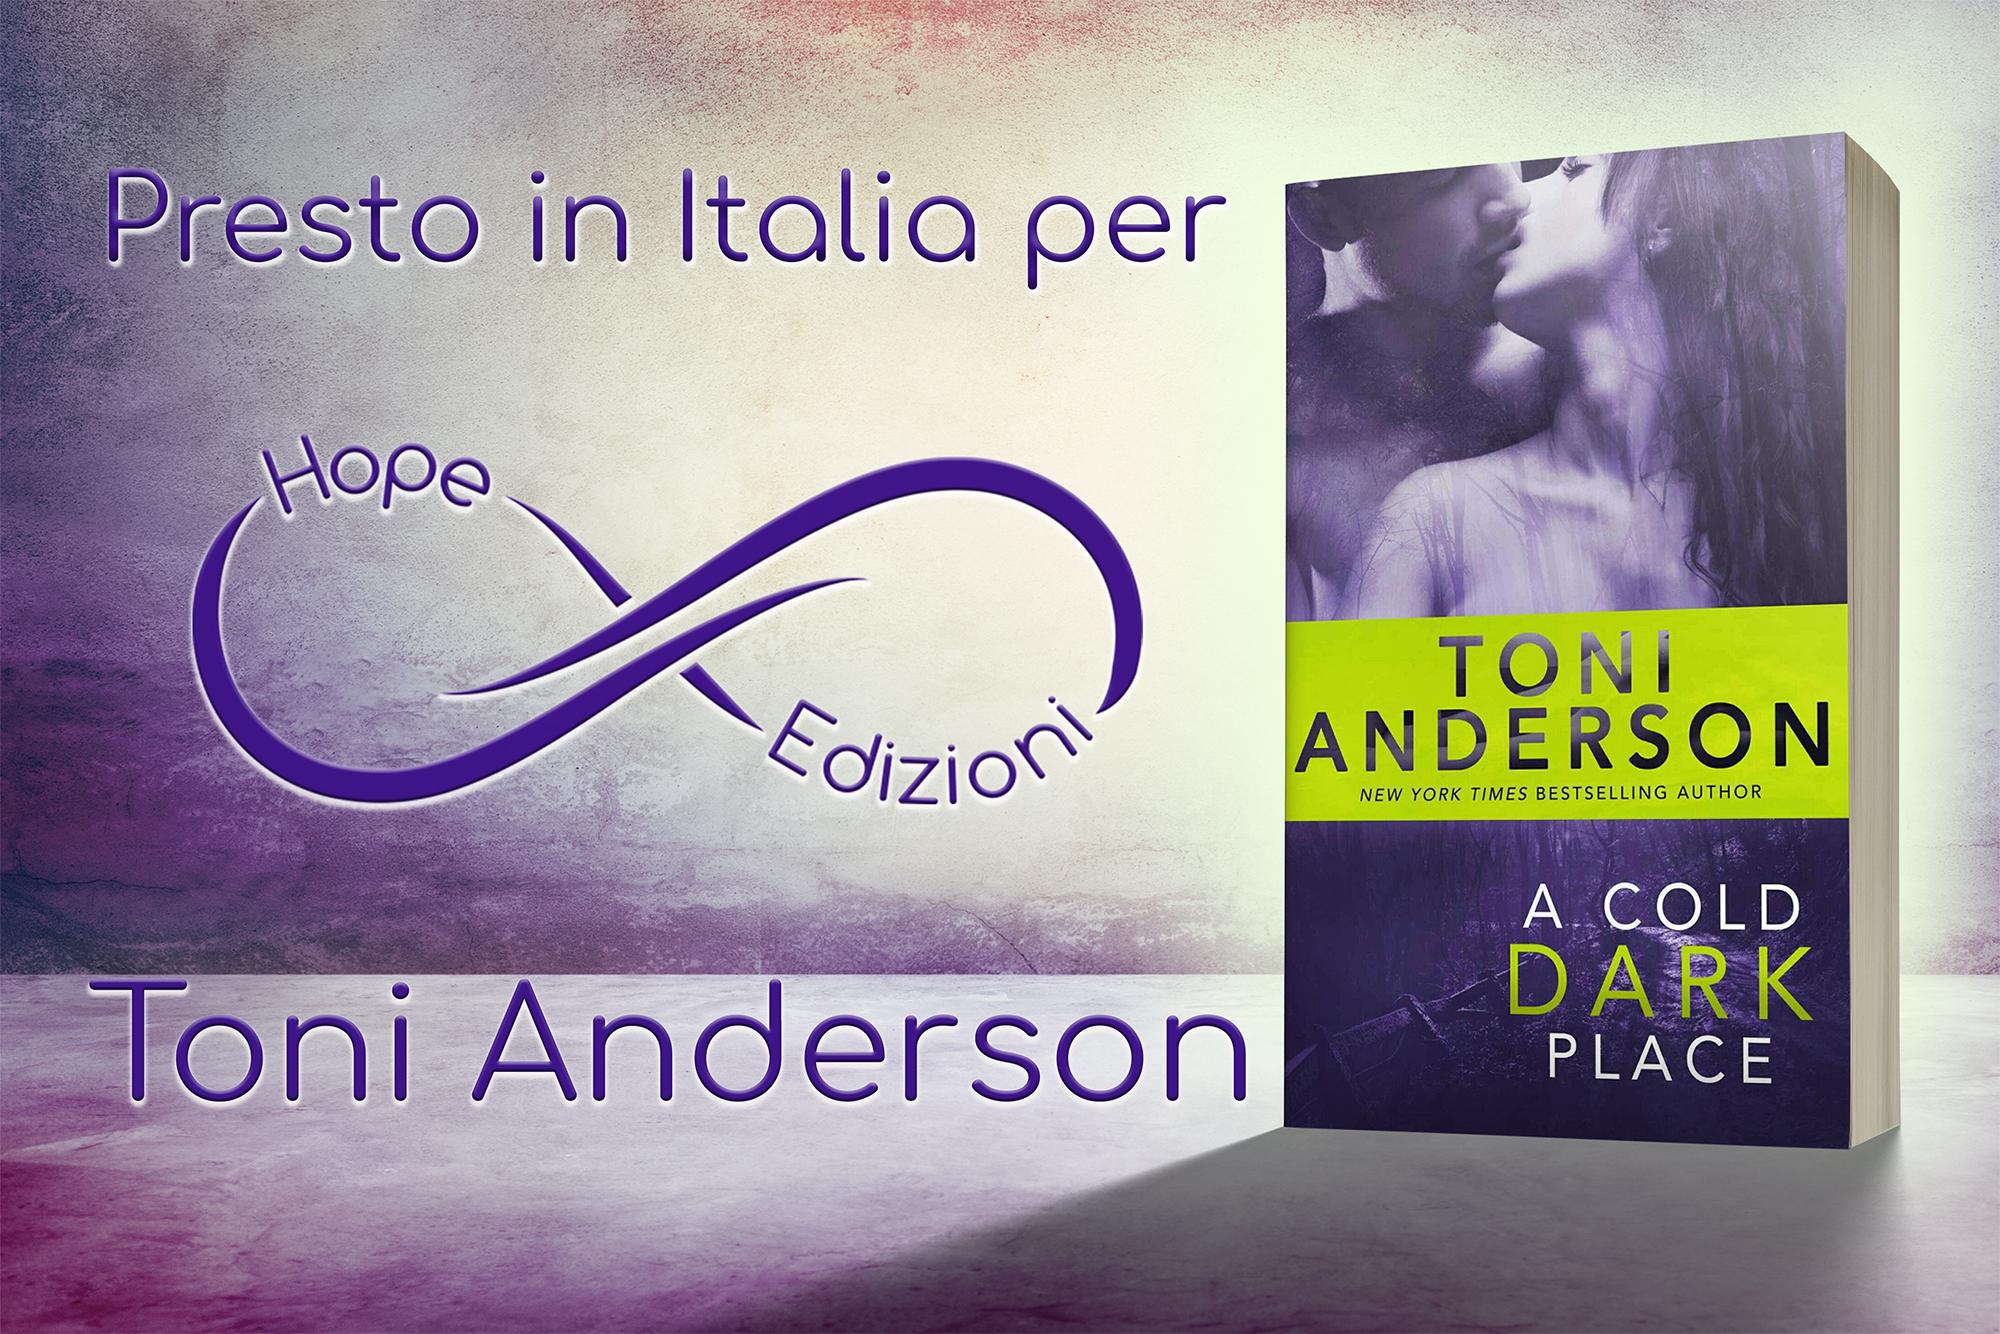 Presto in Italia… Toni Anderson!